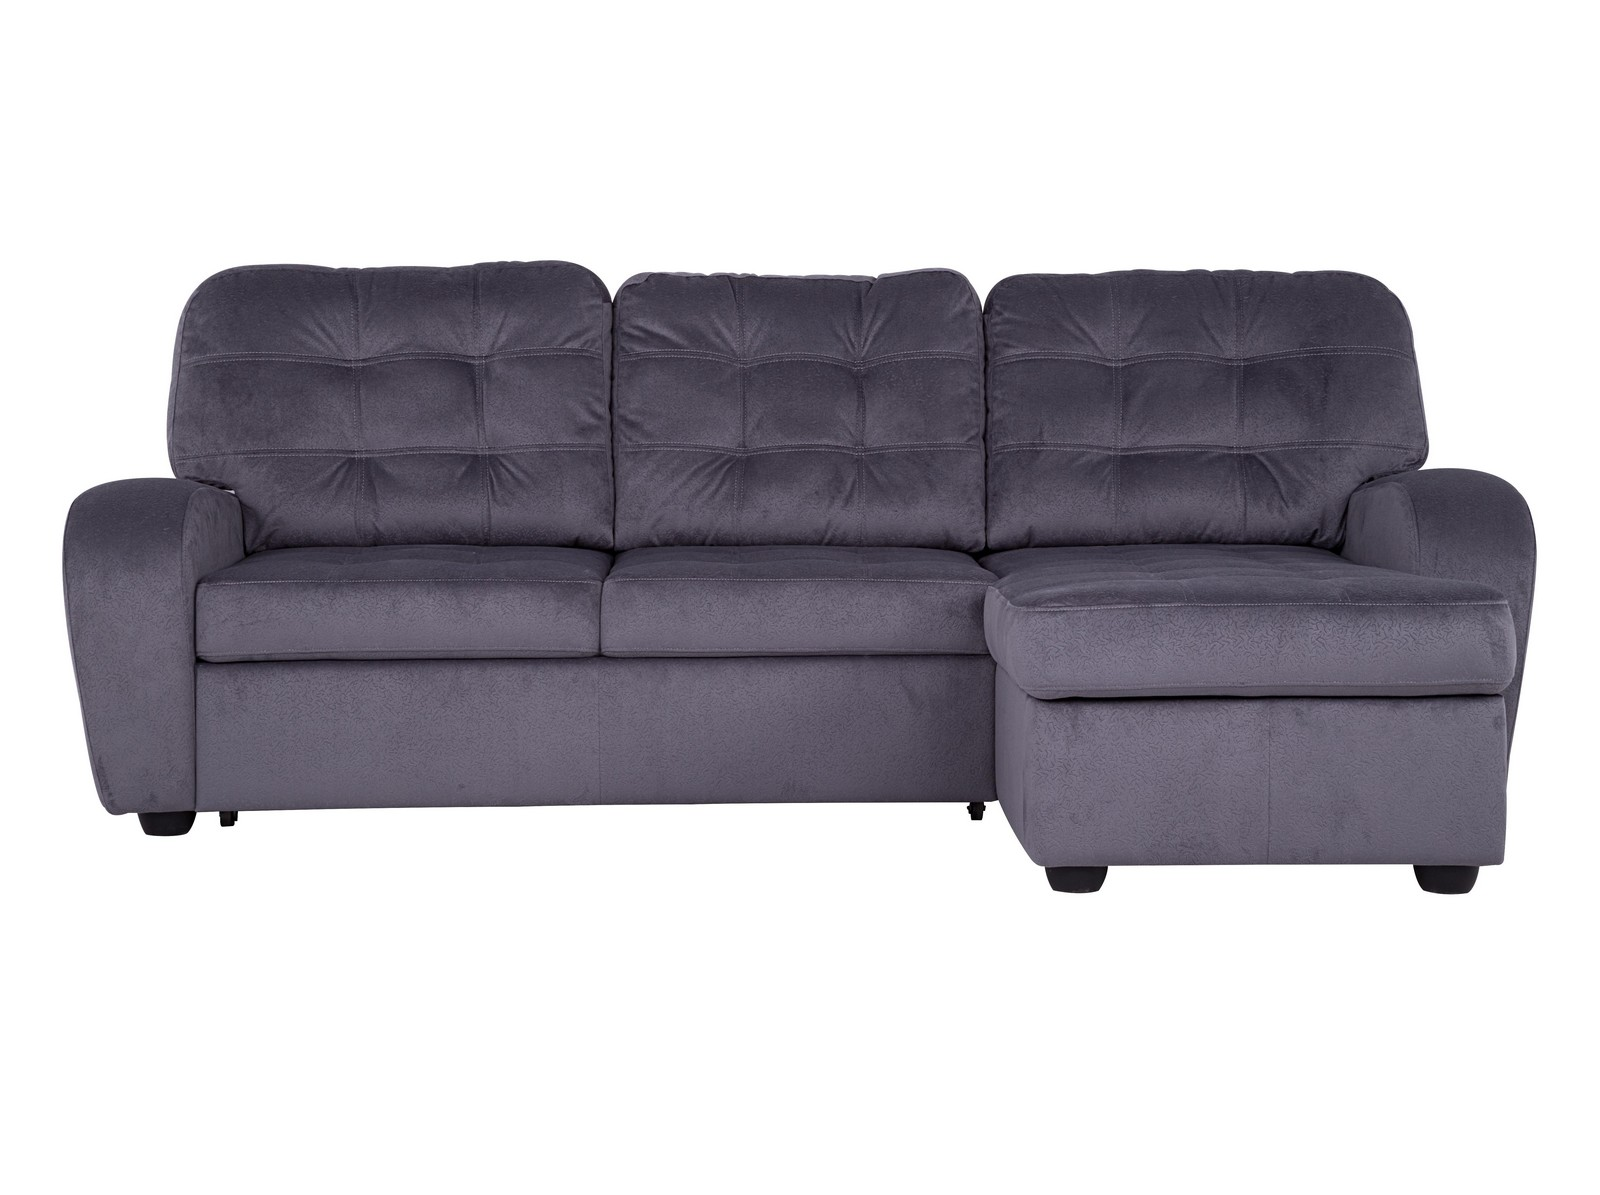 Угловой диван-кровать СиднейУгловые раскладные диваны<br>Компактный угловой диван создаст комфорт даже в небольшом помещении. «Сидней» сочетает в себе современный дизайн и тонкие классичесиие акценты. <br>Если Вы желаете использовать пространство комнаты максимально грамотно, диван «Сидней» — отличный выбор. <br>Эта модель специально спроектирована по многочисленным просьбам покупателей и повторяет дизайн популярного дивана &amp;quot;Монреаль&amp;quot;.Сборка требуется, все крепления входят в стоимость, диван оборудован раскладным механизмом&amp;lt;div&amp;gt;&amp;lt;br&amp;gt;&amp;lt;/div&amp;gt;&amp;lt;div&amp;gt;Материал обивки: флок&amp;lt;/div&amp;gt;&amp;lt;div&amp;gt;Размер спального места: 200х137 см&amp;lt;/div&amp;gt;<br><br>Material: Текстиль<br>Width см: 242<br>Depth см: 154<br>Height см: 94